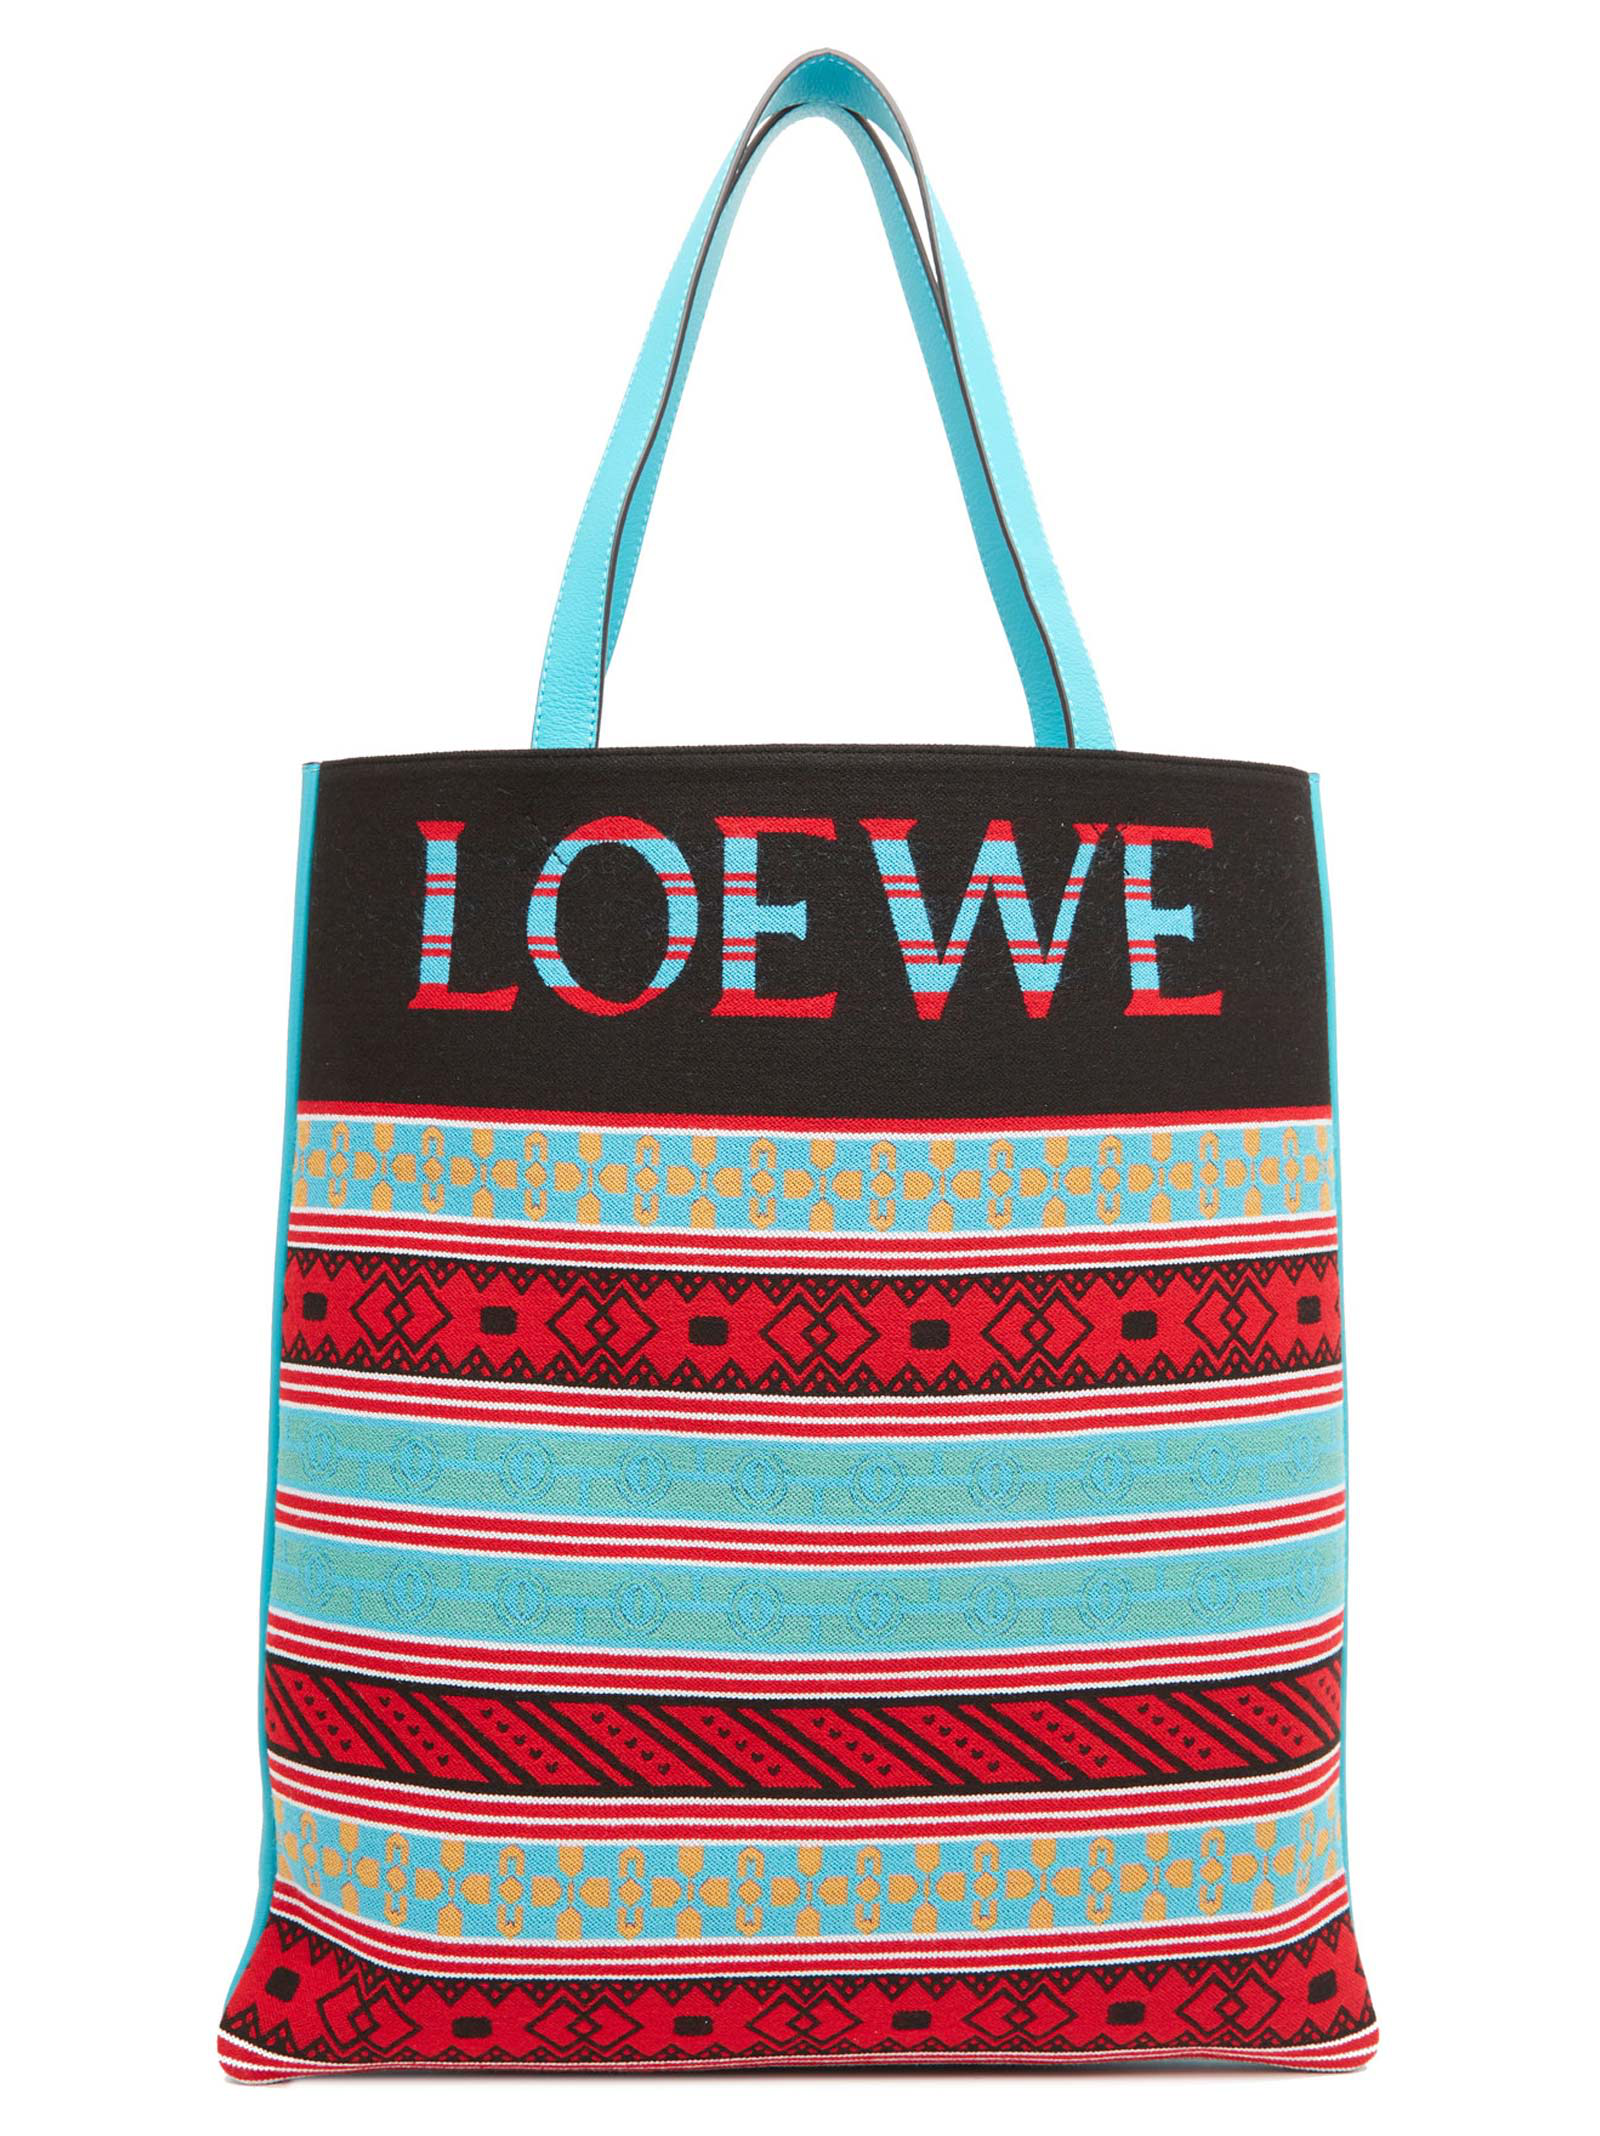 61e37fa3b20 Loewe Jacquard Knit Vertical Tote Bag - None In Stripe